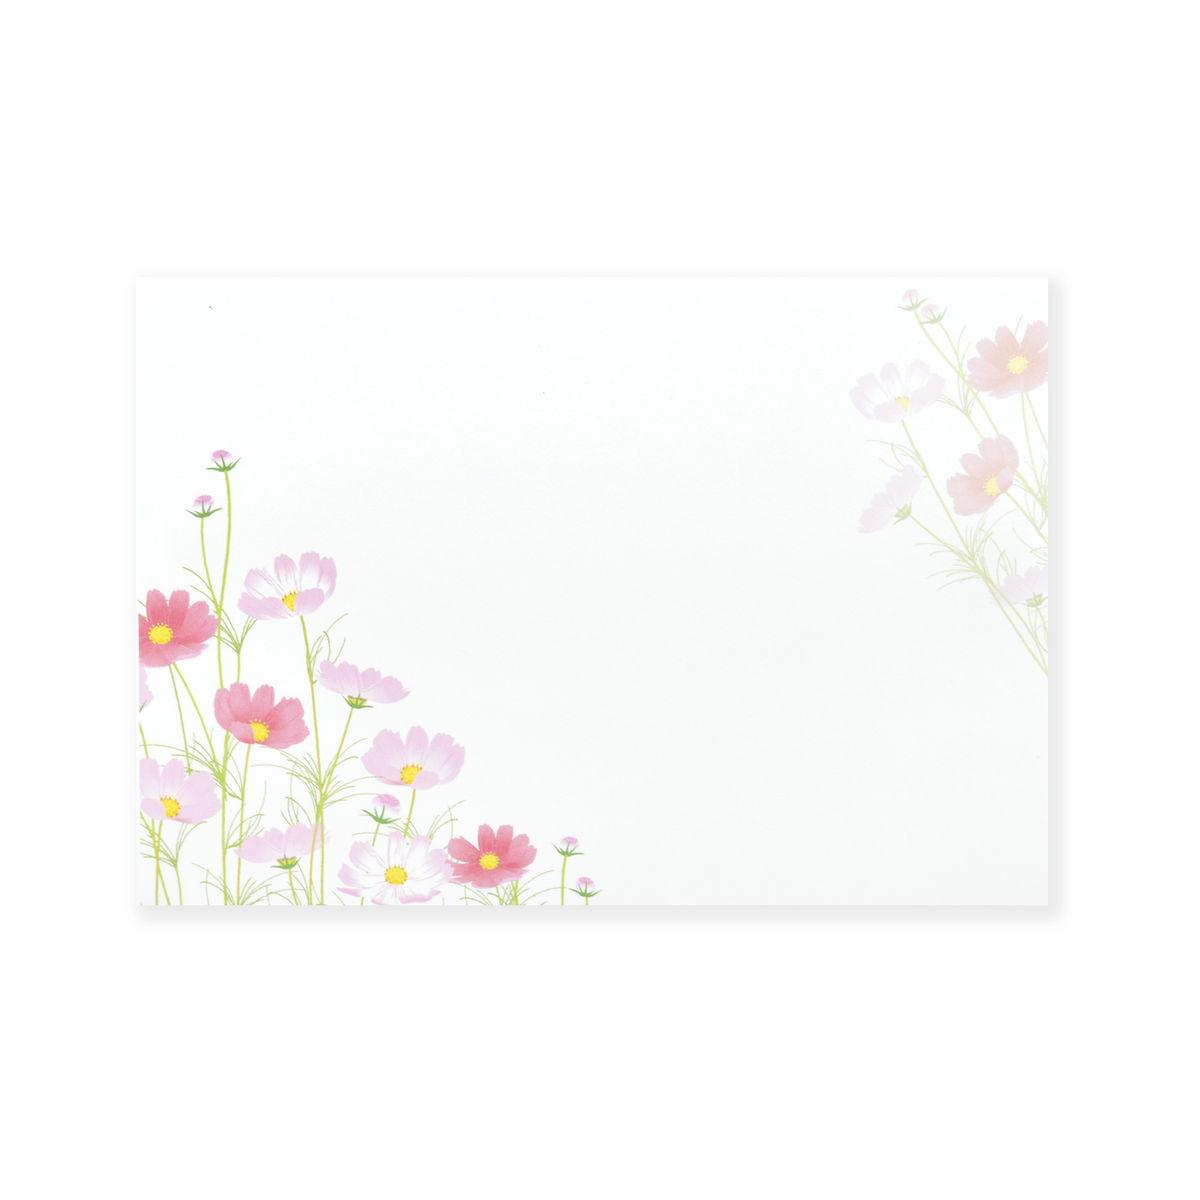 ミニレターセット 草原のコスモス|mls-130